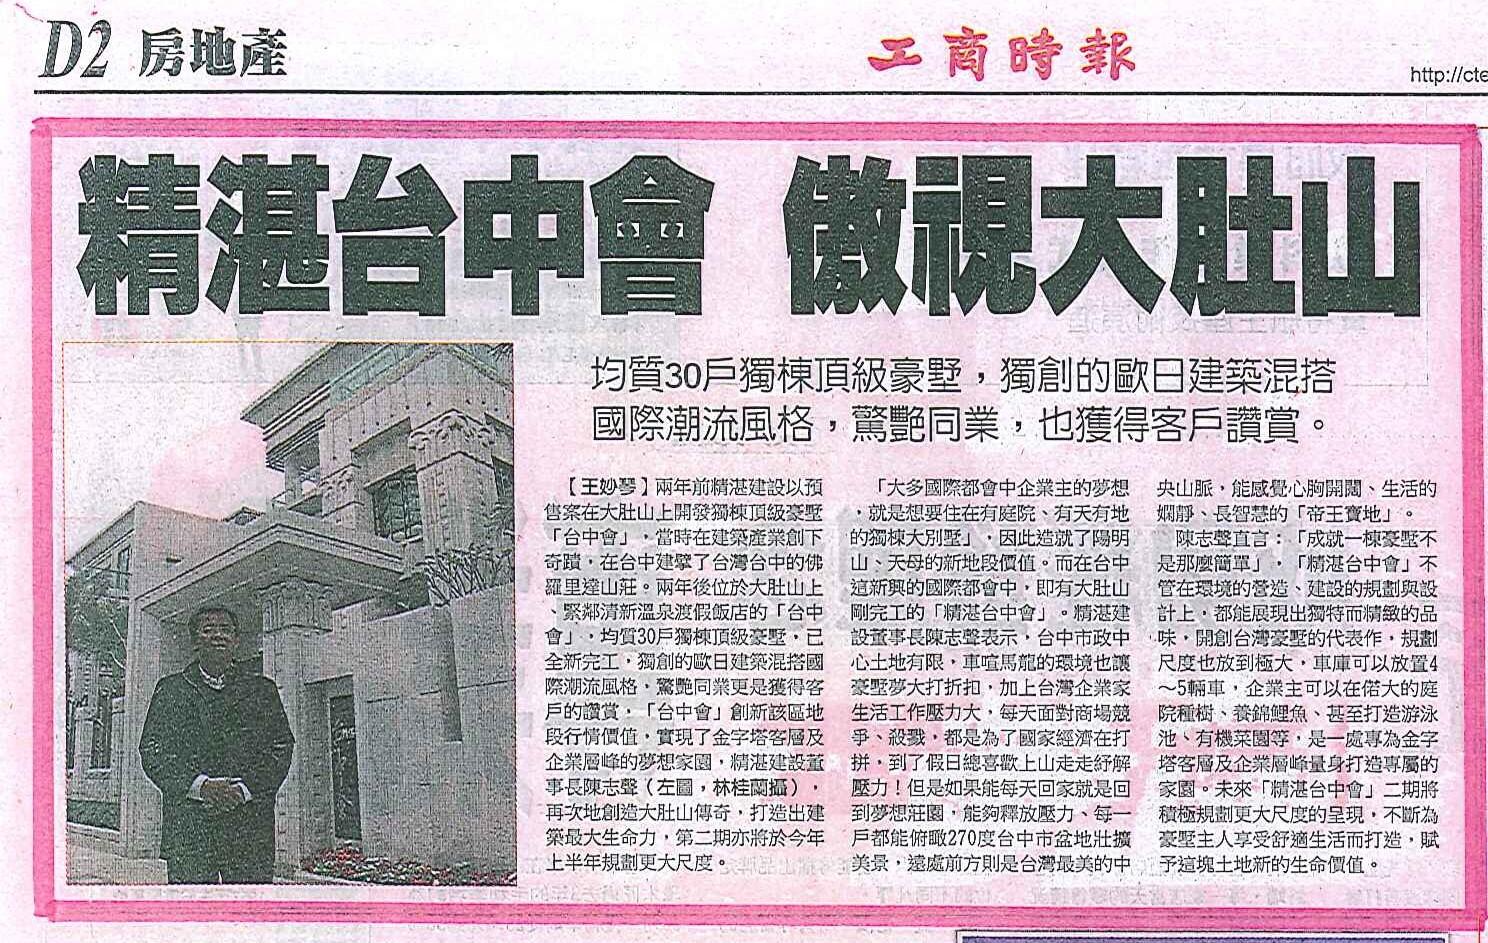 20100129 工商時報_精湛台中會 傲視大肚山